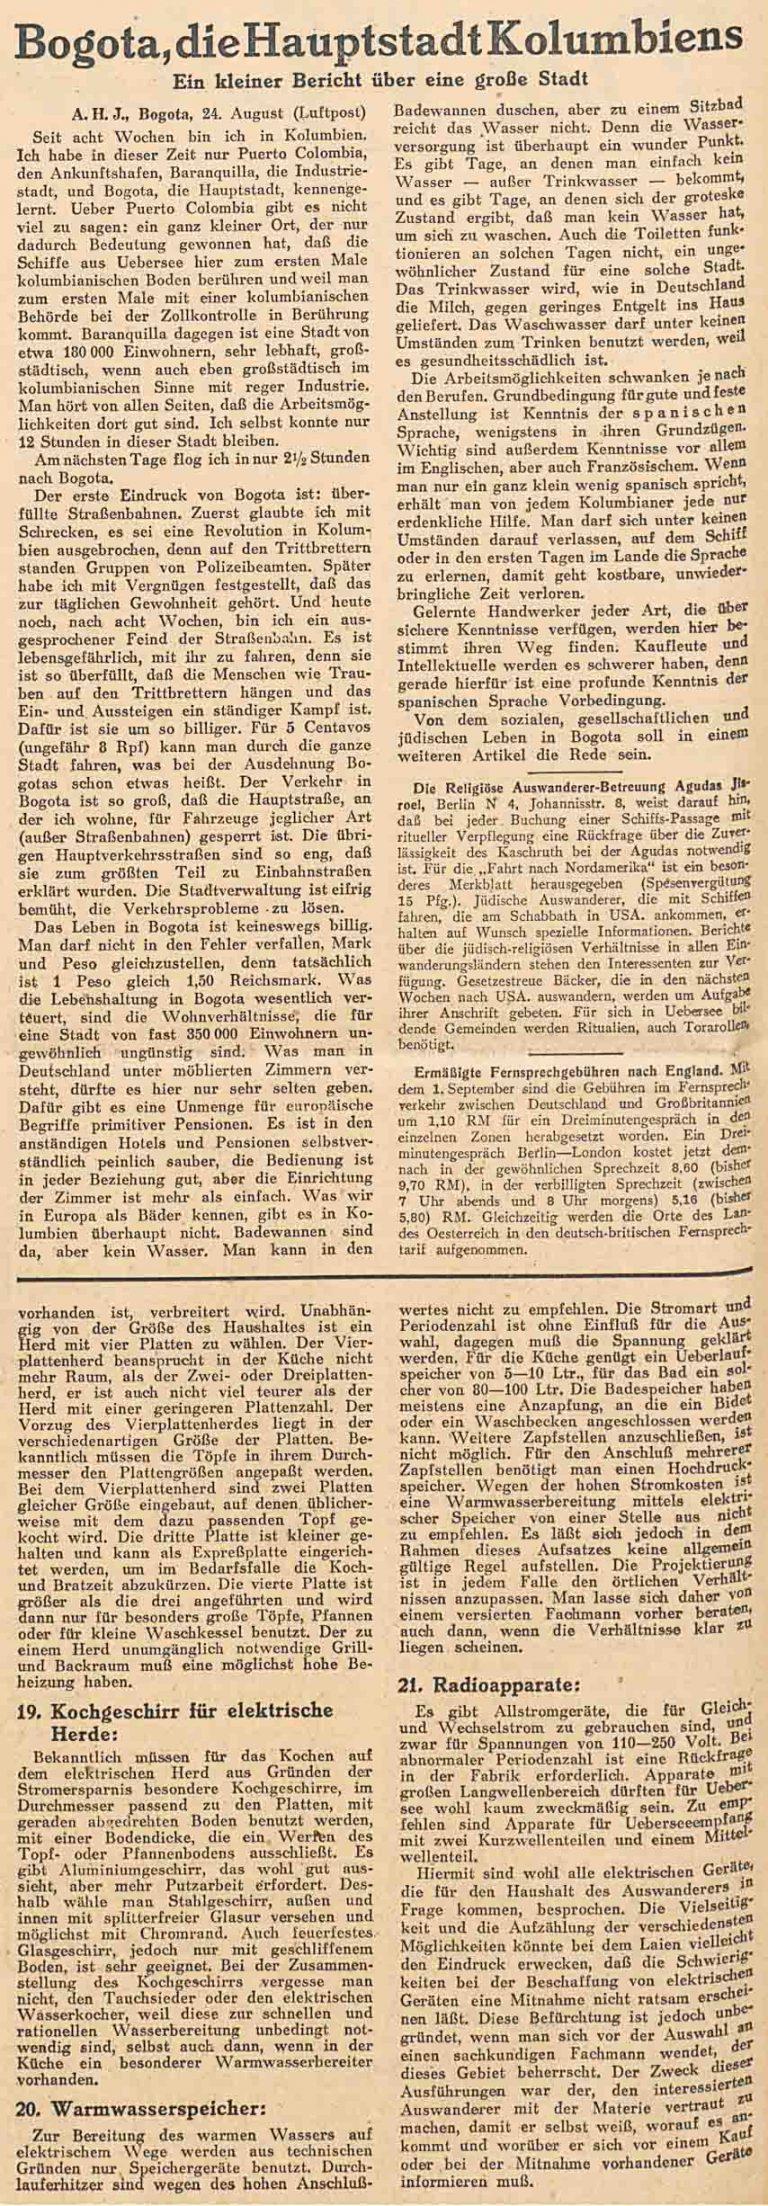 C.V.-Zeitung. Allgemeine Zeitung des Judentums, 8. September 1938 Der Artikel über Bogotá beleuchtet die Auswanderungsmöglichkeiten in die kolumbianische Hauptstadt und das dortige Leben. Universitätsbibliothek Johann Christian Senckenberg, Frankfurt am Main